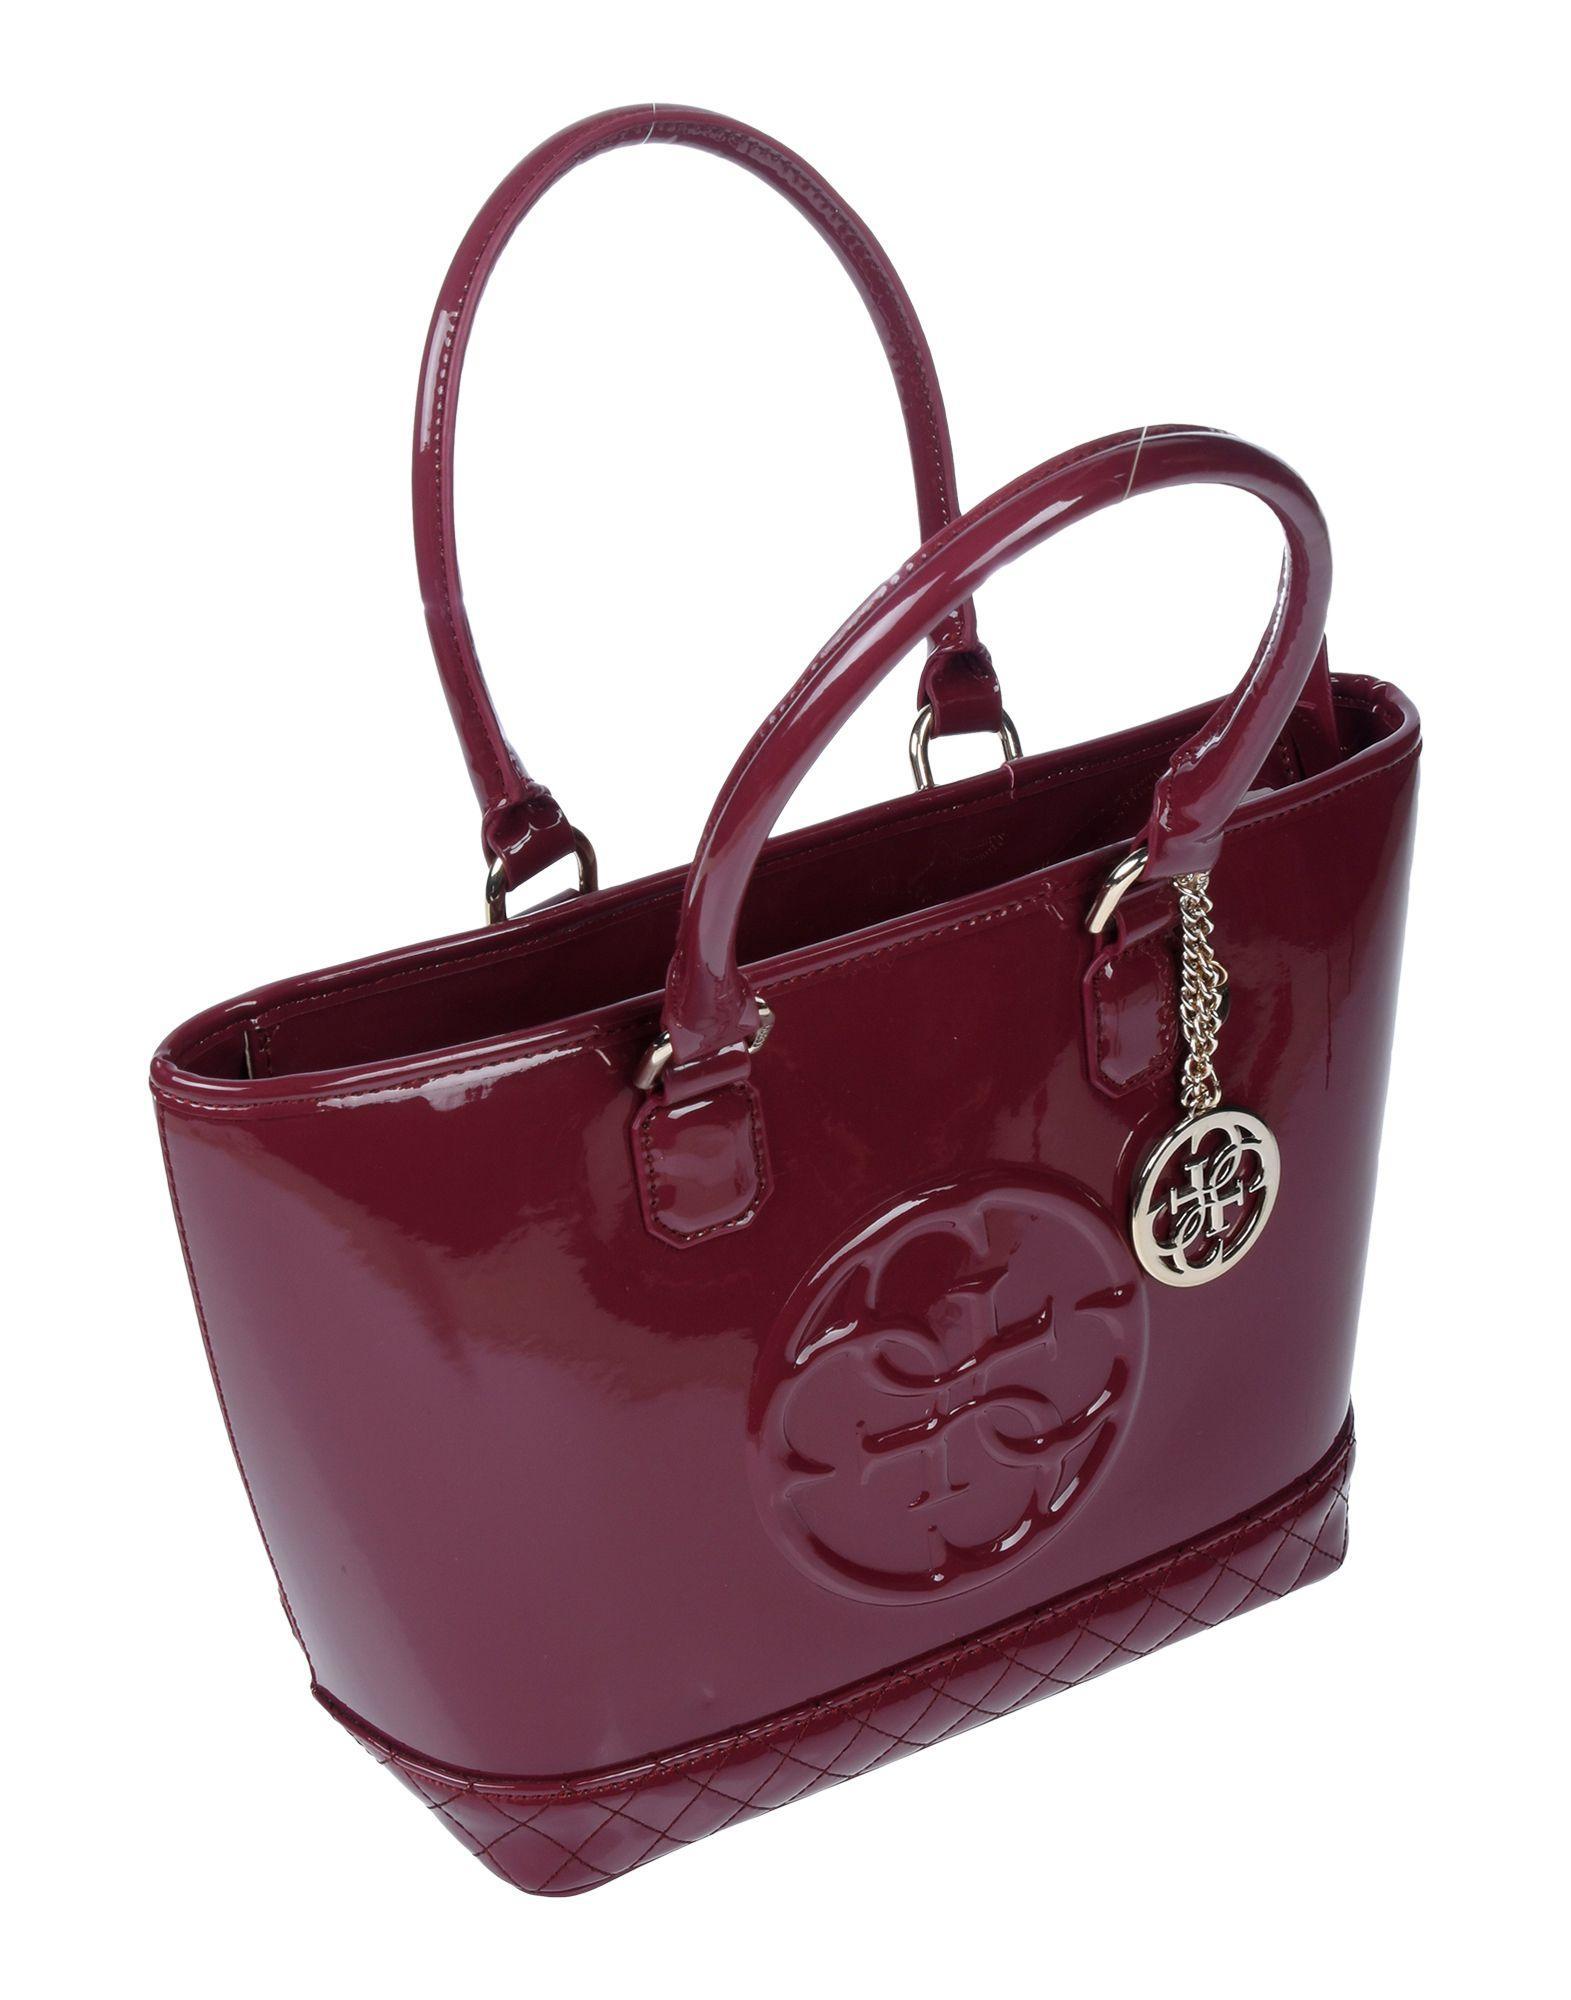 Guess Handbag in Deep Purple (Purple) - Lyst